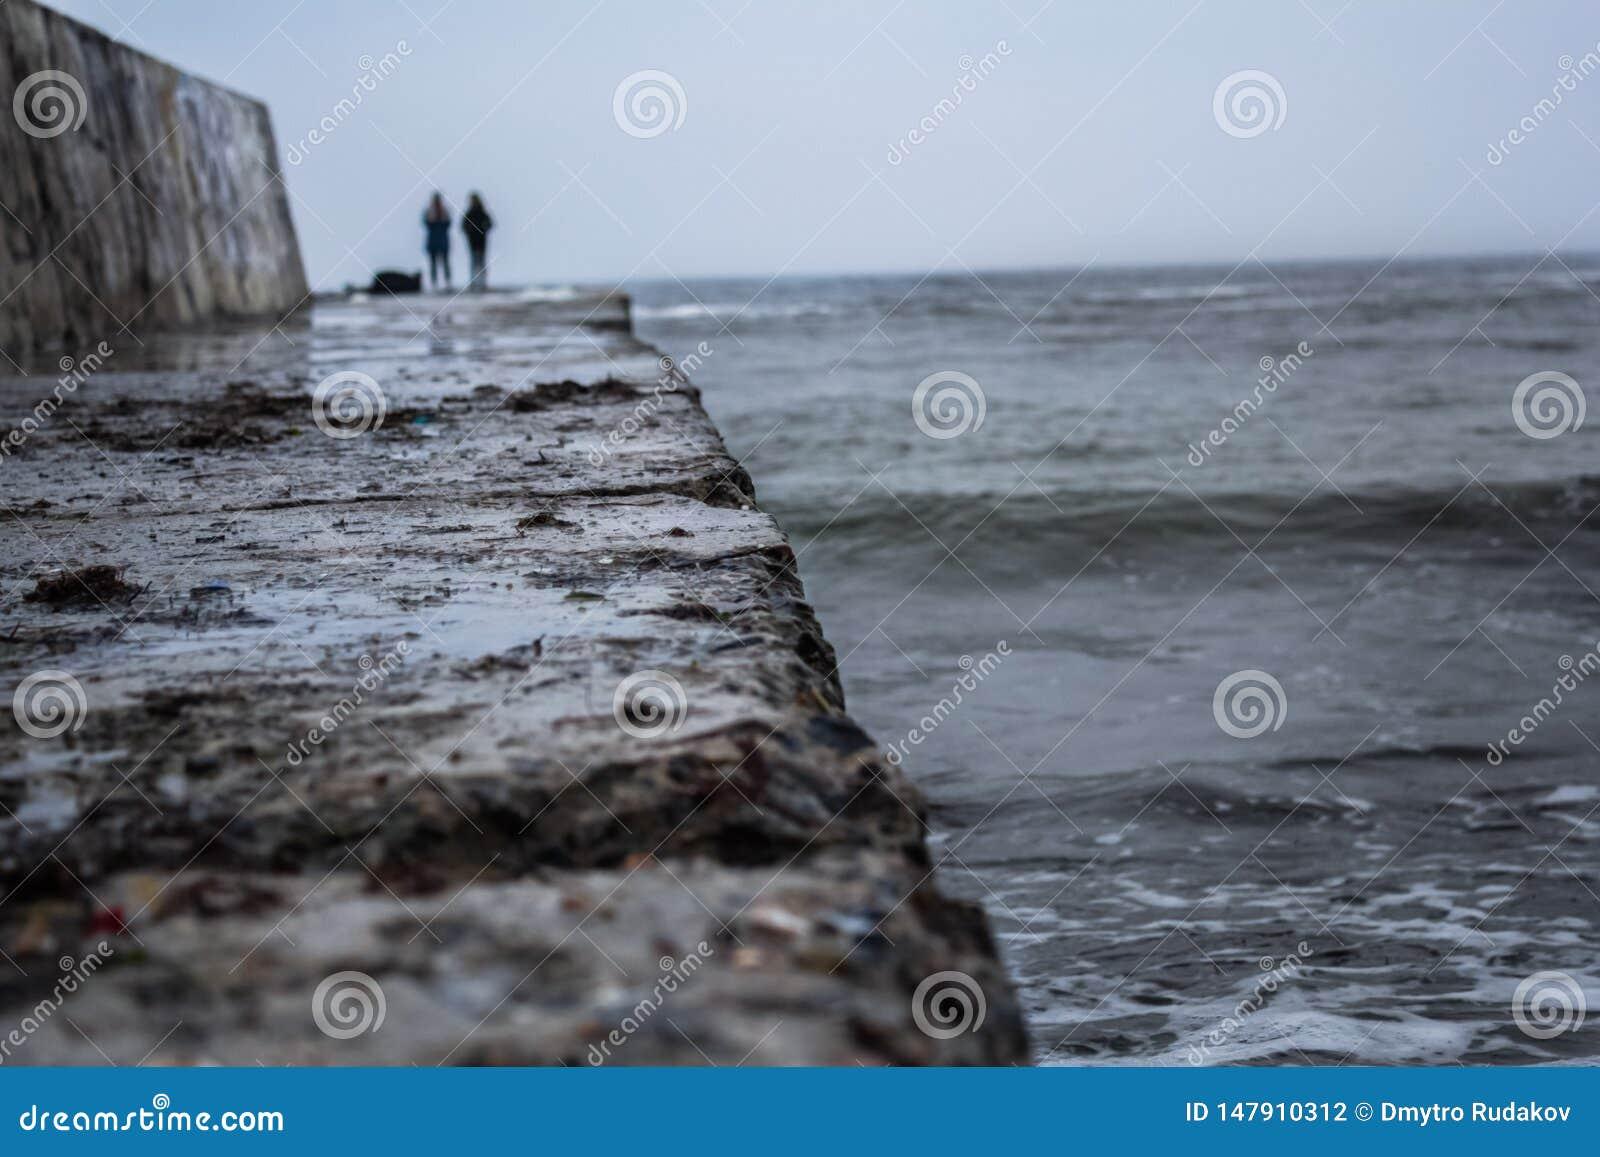 Ландшафт зимы, холодного моря